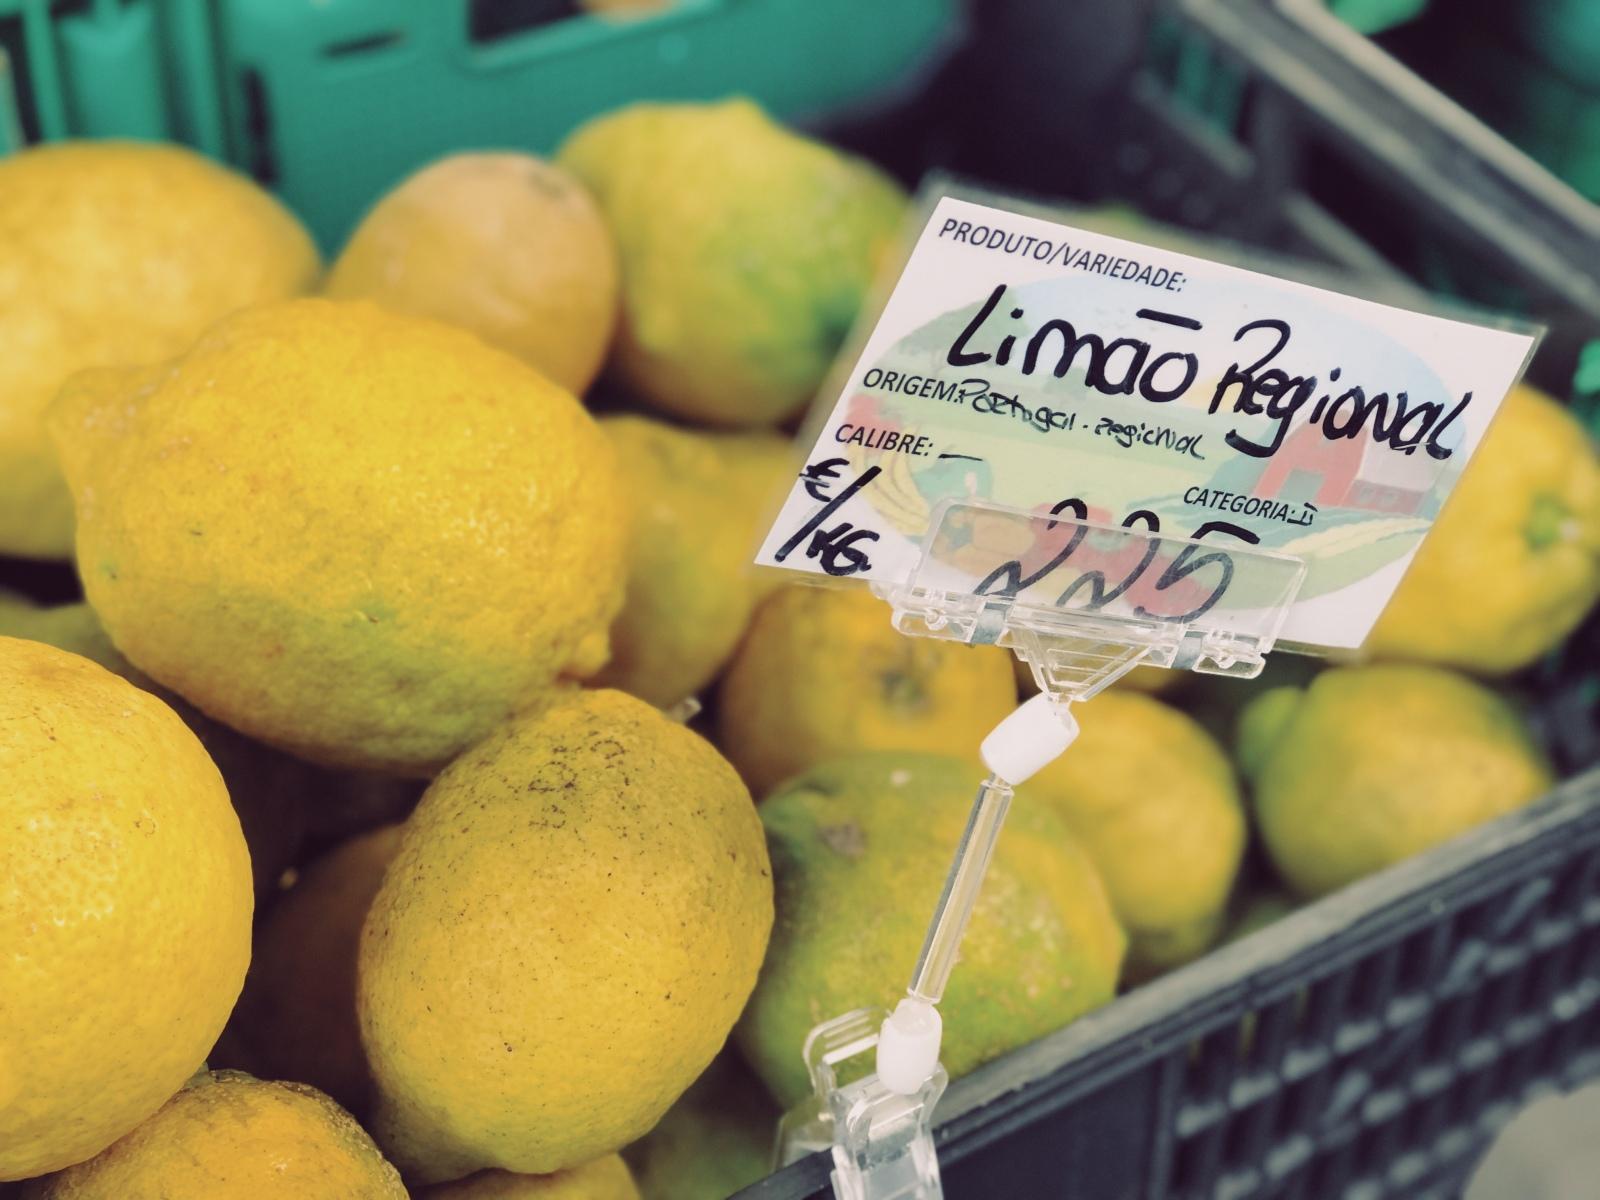 Fresh lemons from the market